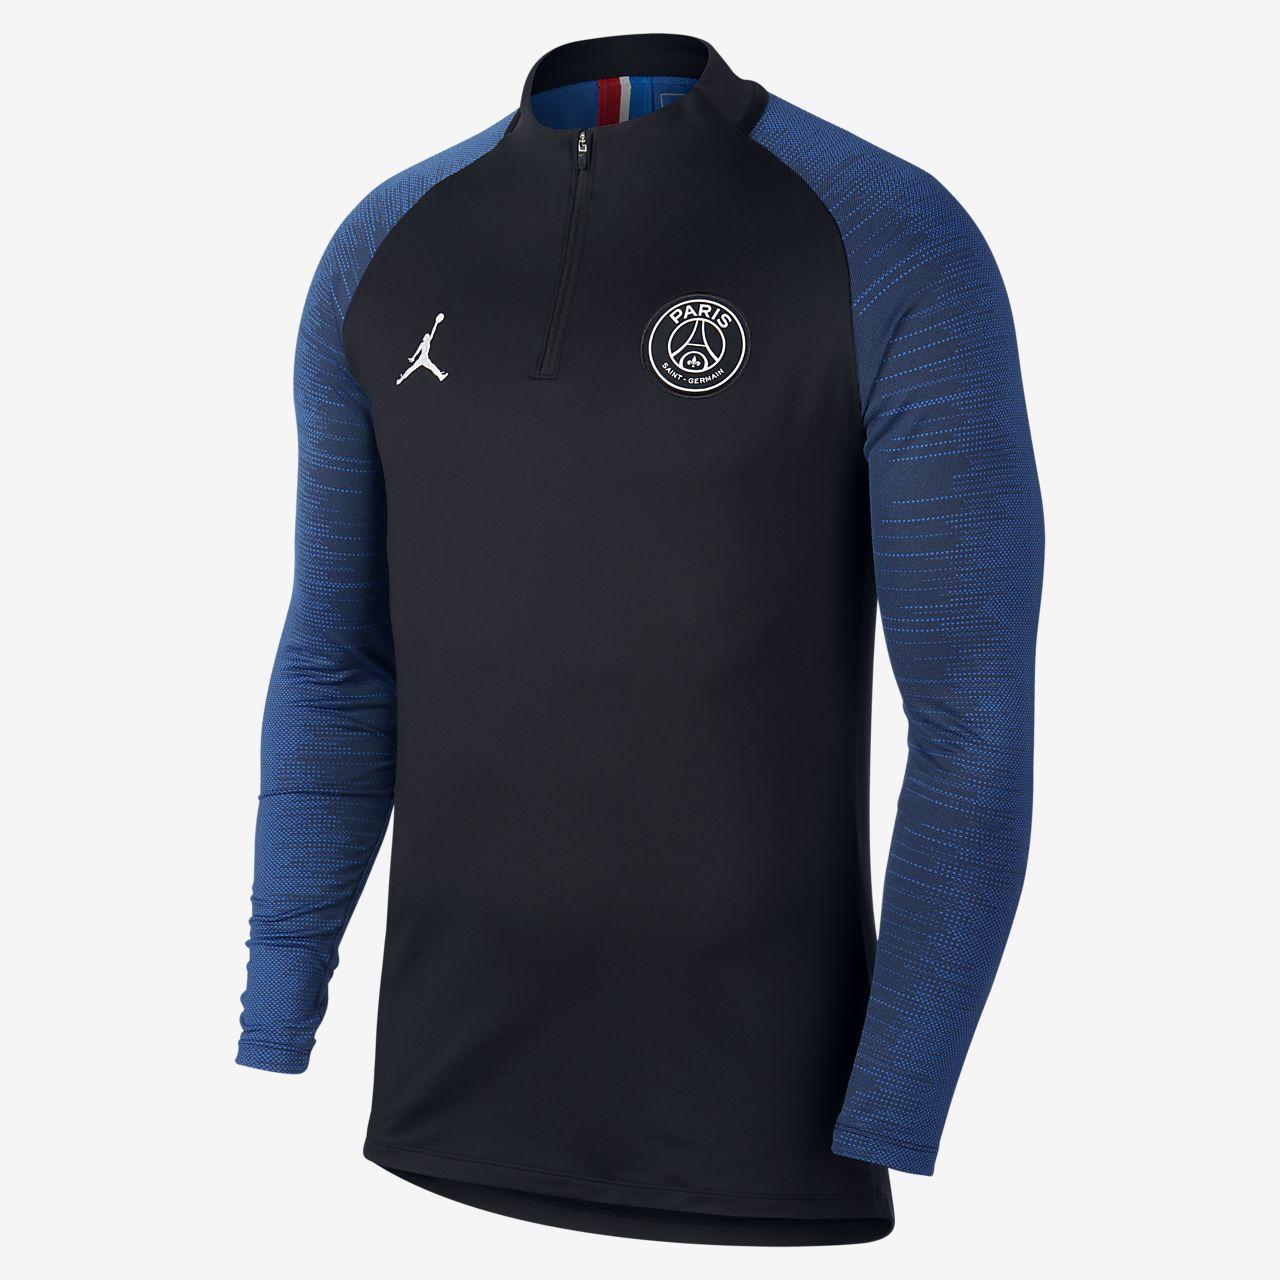 Prenda para la parte superior de entrenamiento de fútbol para hombre Jordan x Paris Saint-Germain Strike